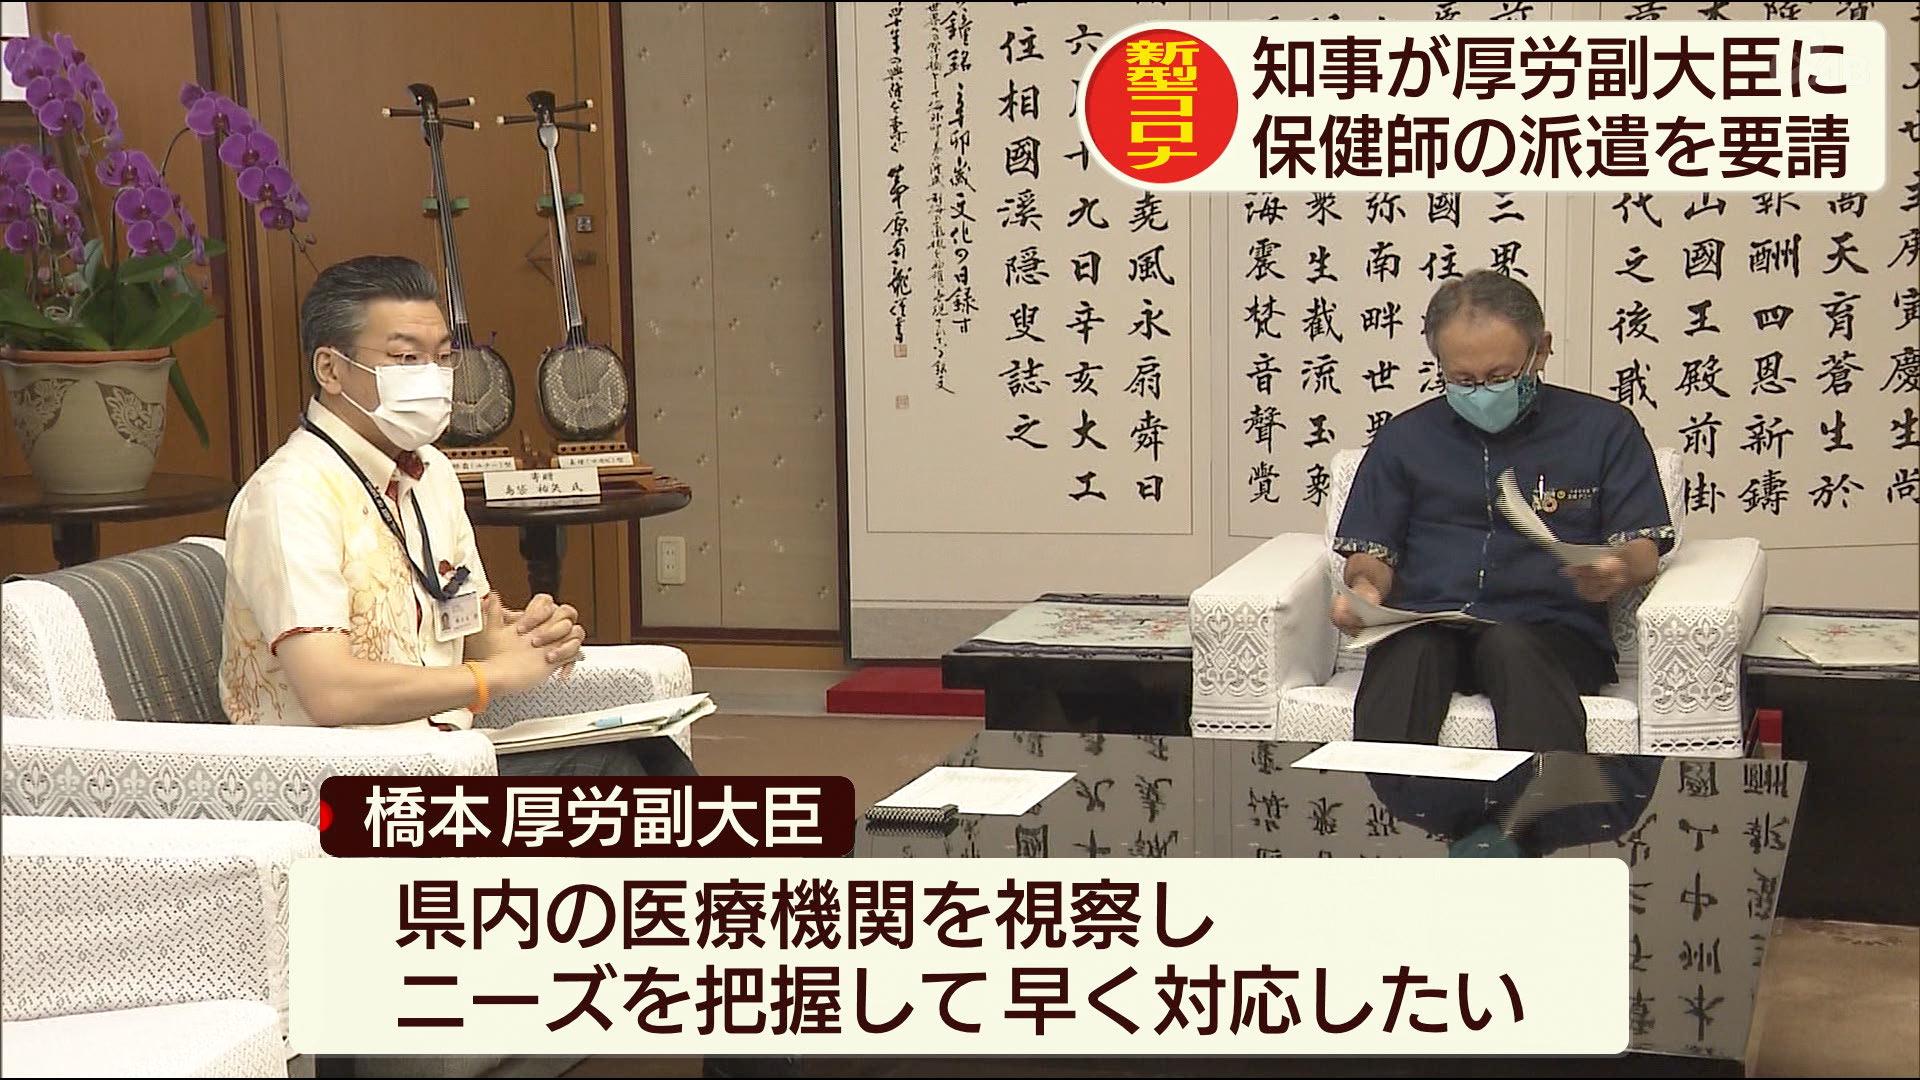 玉城知事と橋本厚労副大臣が意見交換